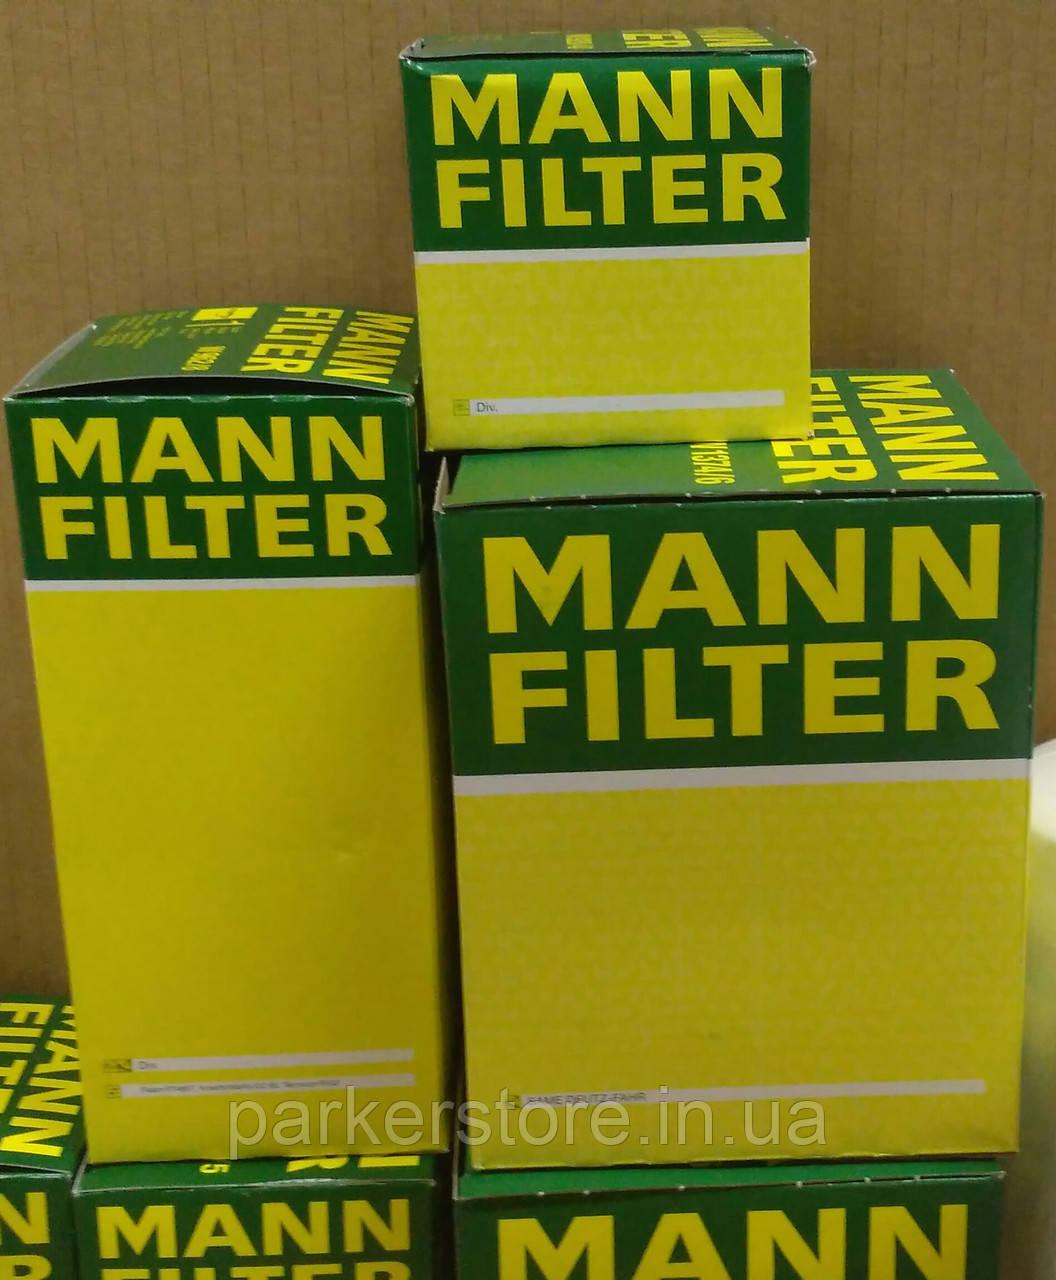 MANN FILTER / Воздушный фильтр / C 31 143 / C31143